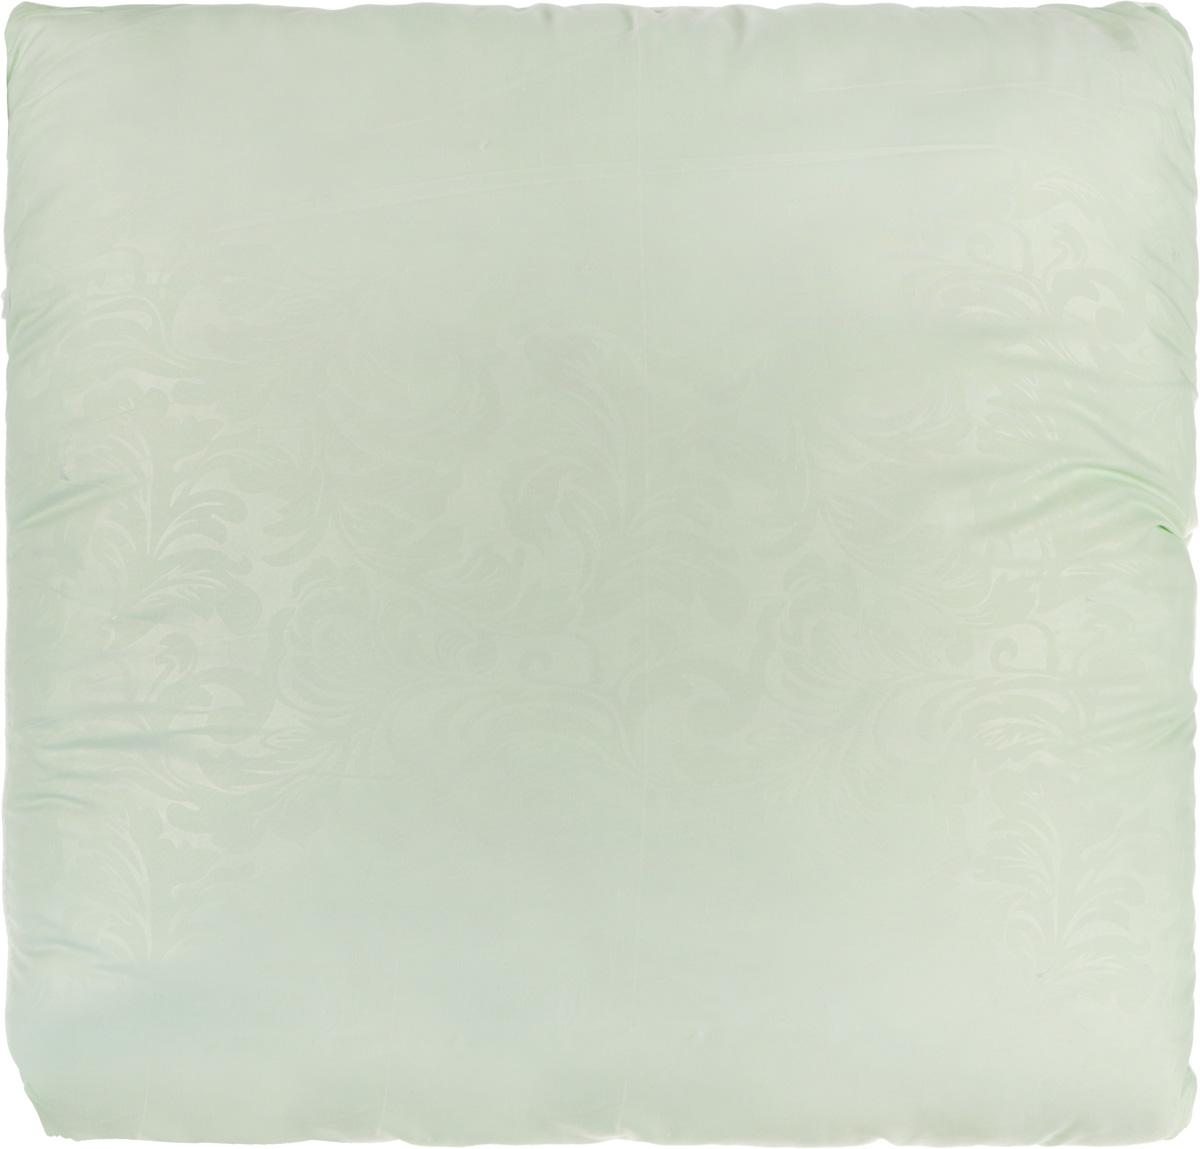 Подушка Smart Textile Безмятежность, наполнитель: лебяжий пух, алоэ вера, цвет: светло-зеленый, 70 х 70 смВZ36Удобная и мягкая подушка Smart Textile Безмятежность подарит здоровый сон и отличный отдых. Чехол подушки на молнии выполнен из микрофибры с красивым узором. В качестве наполнителя используется лебяжий пух, пропитанный экстрактом алоэ вера. Лебяжий пух - это 100% сверхтонкое высокосиликонизированное волокно. Такой наполнитель мягкий, приятный на ощупь и гипоаллергенный. Подушка удобна в эксплуатации: легко стирается, быстро сохнет, сохраняя первоначальные свойства, устойчива к воздействию прямых солнечных лучей, износостойка и прочна. Изделие обладает высокой теплоизоляционной способностью - не вызывает перегрева головы. Подушка обеспечит оптимальную, в меру упругую поддержку головы во время сна. На такой подушке комфортно спать в любую погоду людям всех возрастов.